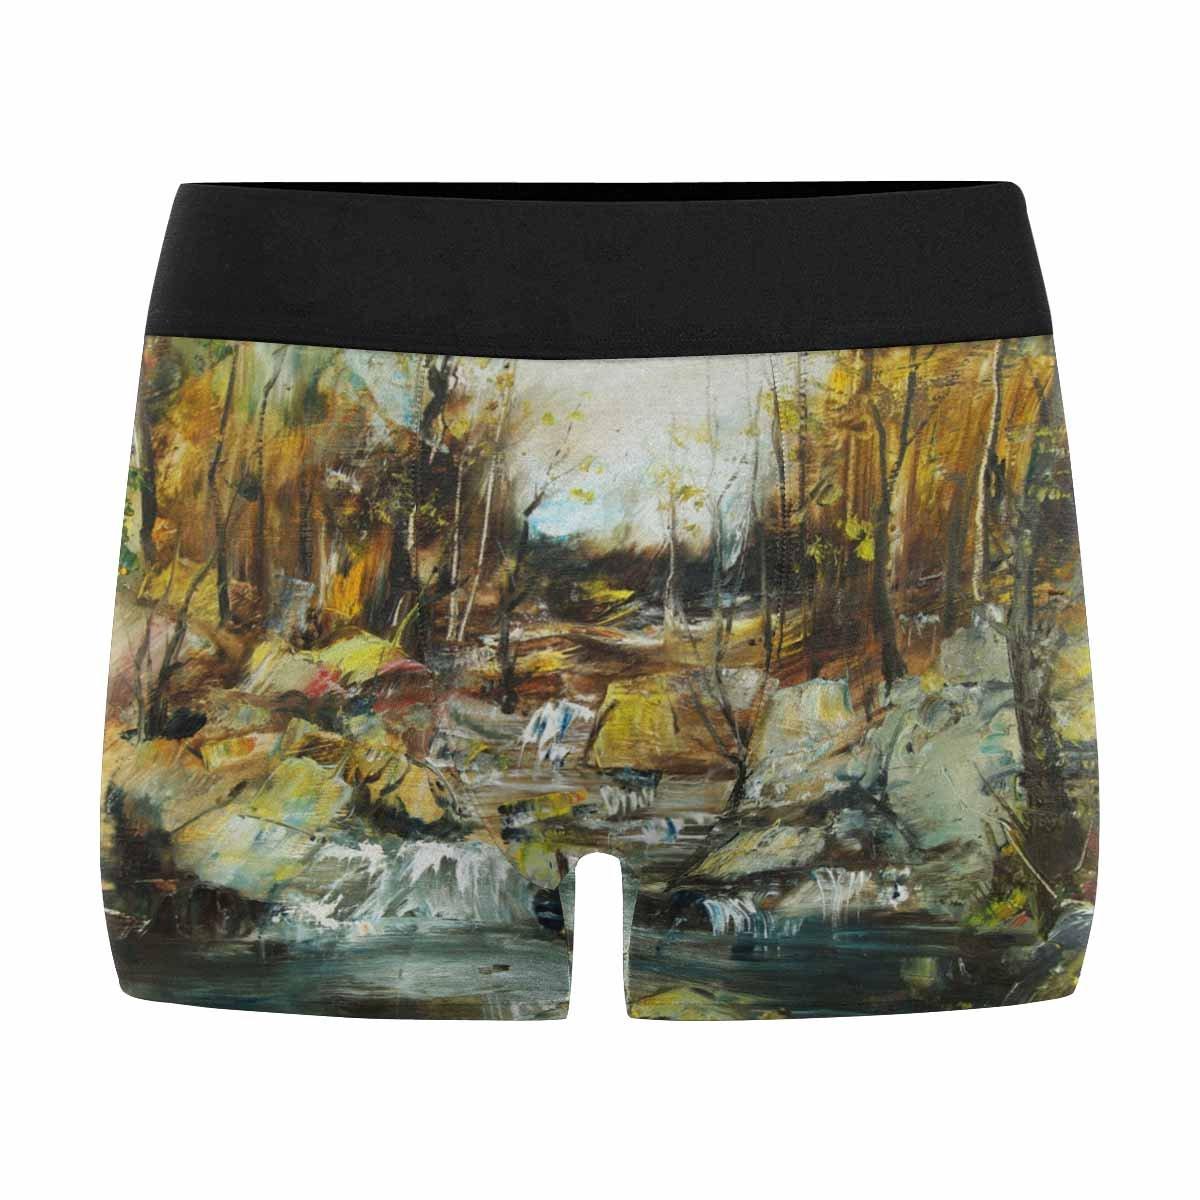 XS-3XL INTERESTPRINT Mens Boxer Briefs Underwear Rocks and Stream in The Forest